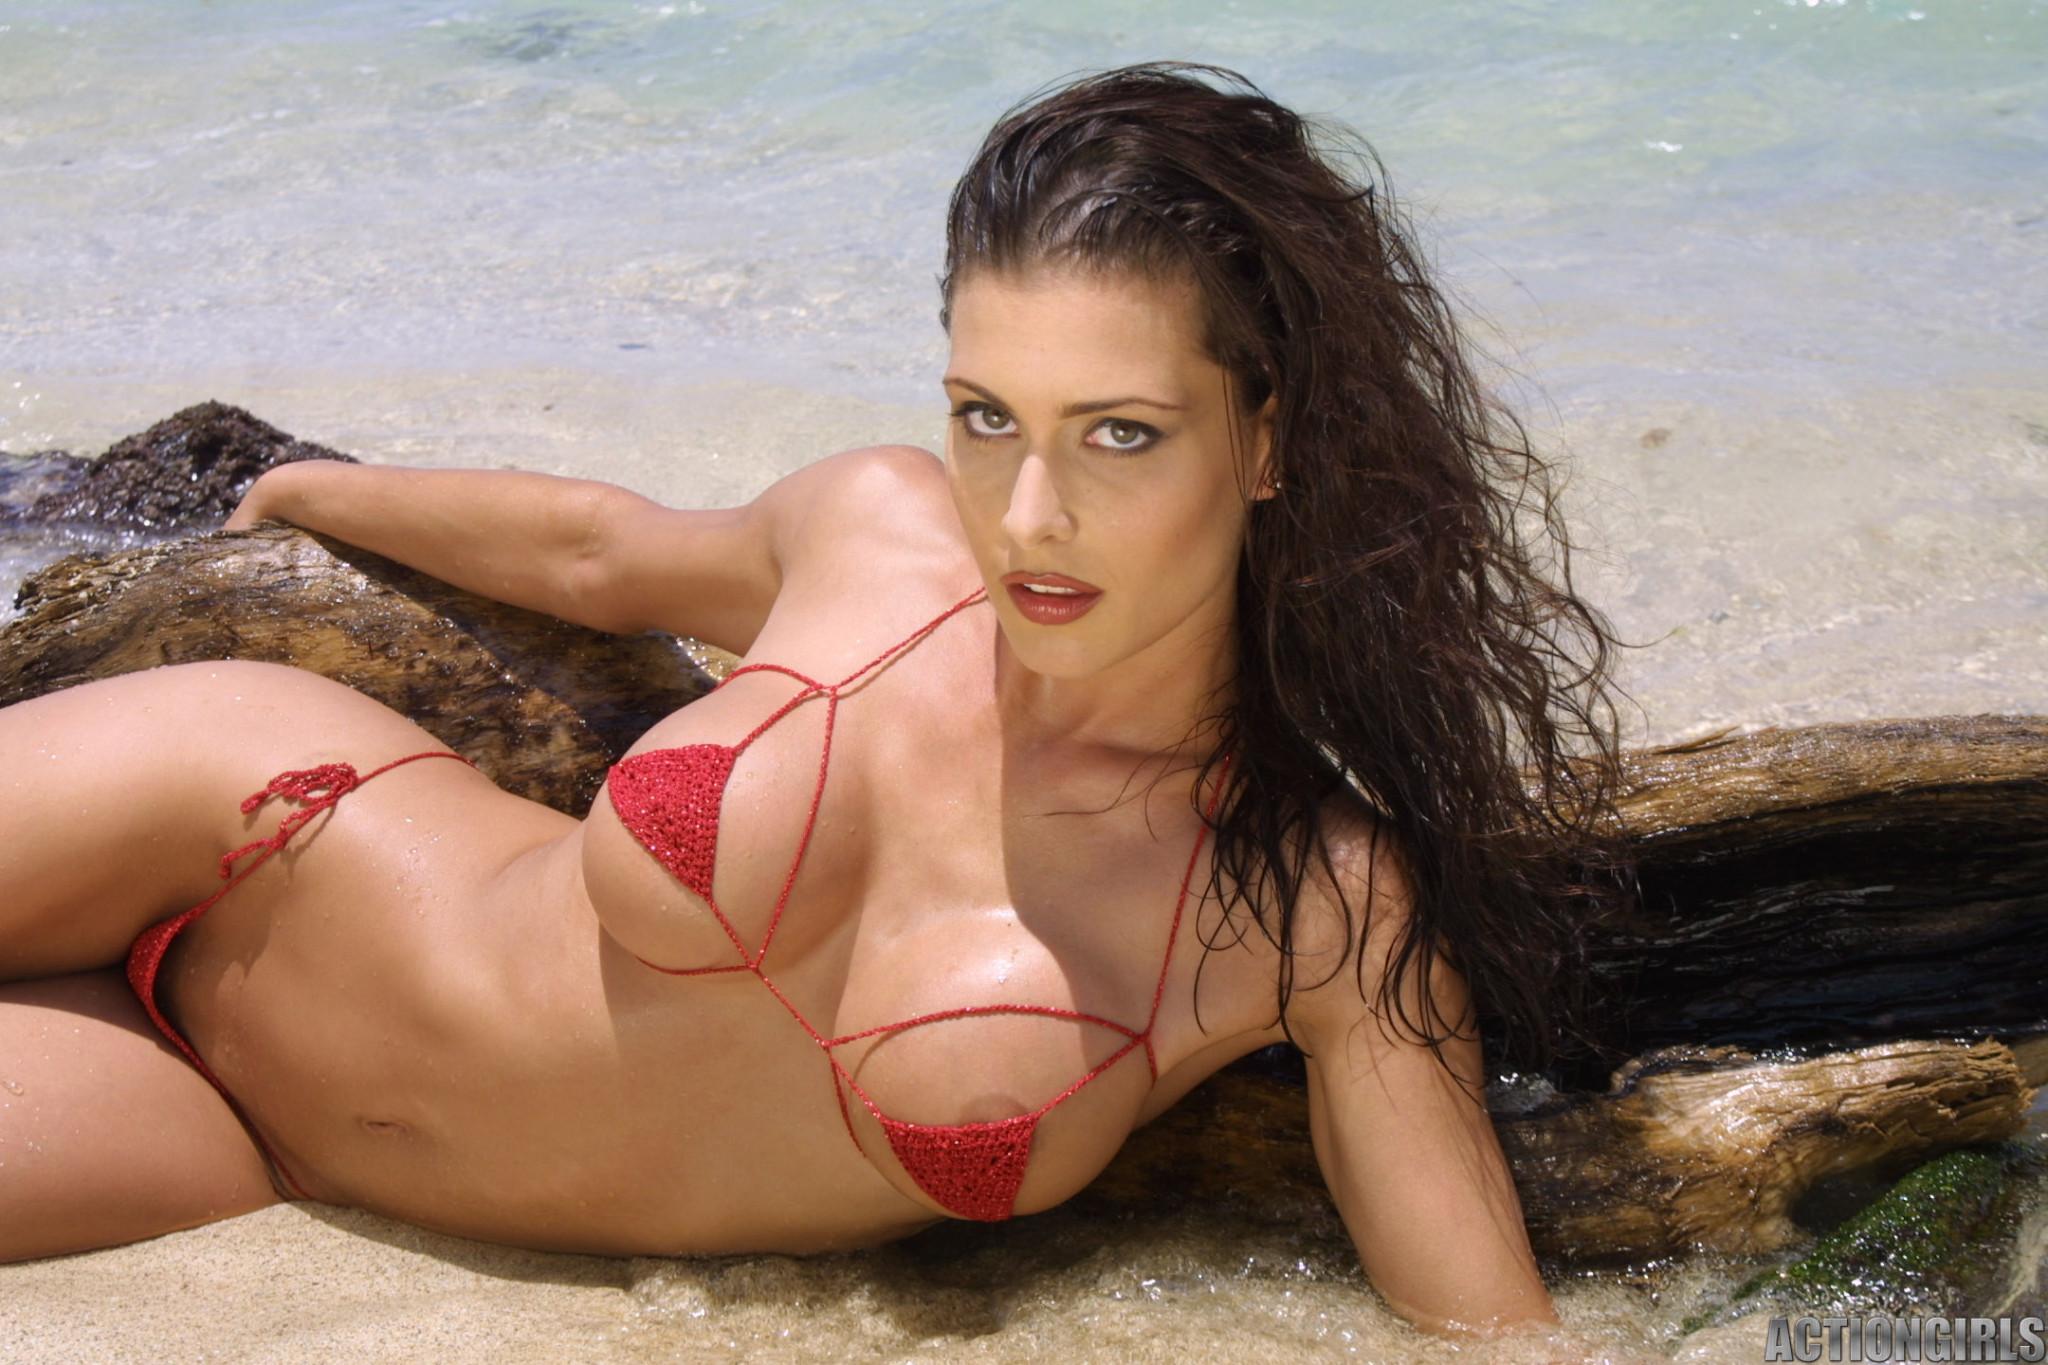 Красивая девушка в мини бикини